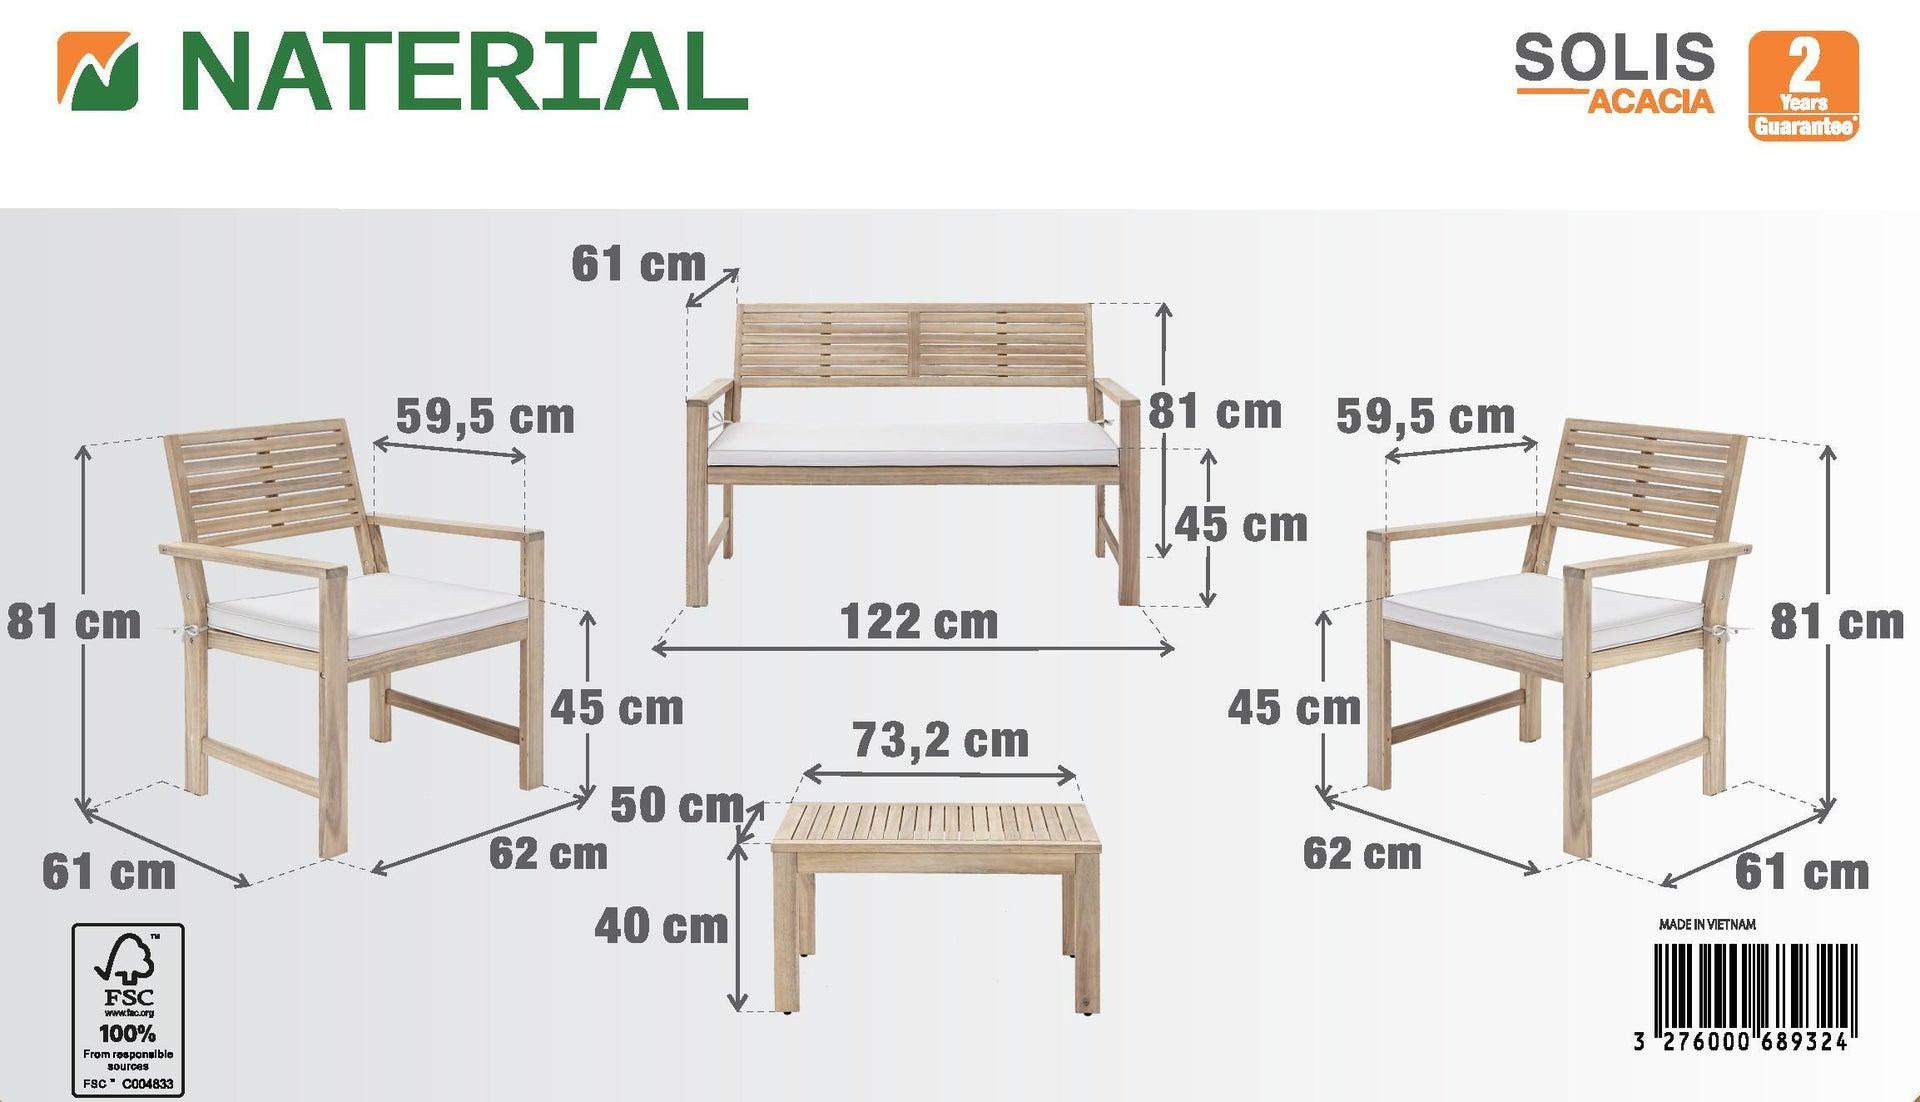 Coffee set rivestito in legno NATERIAL Solis per 4 persone - 14